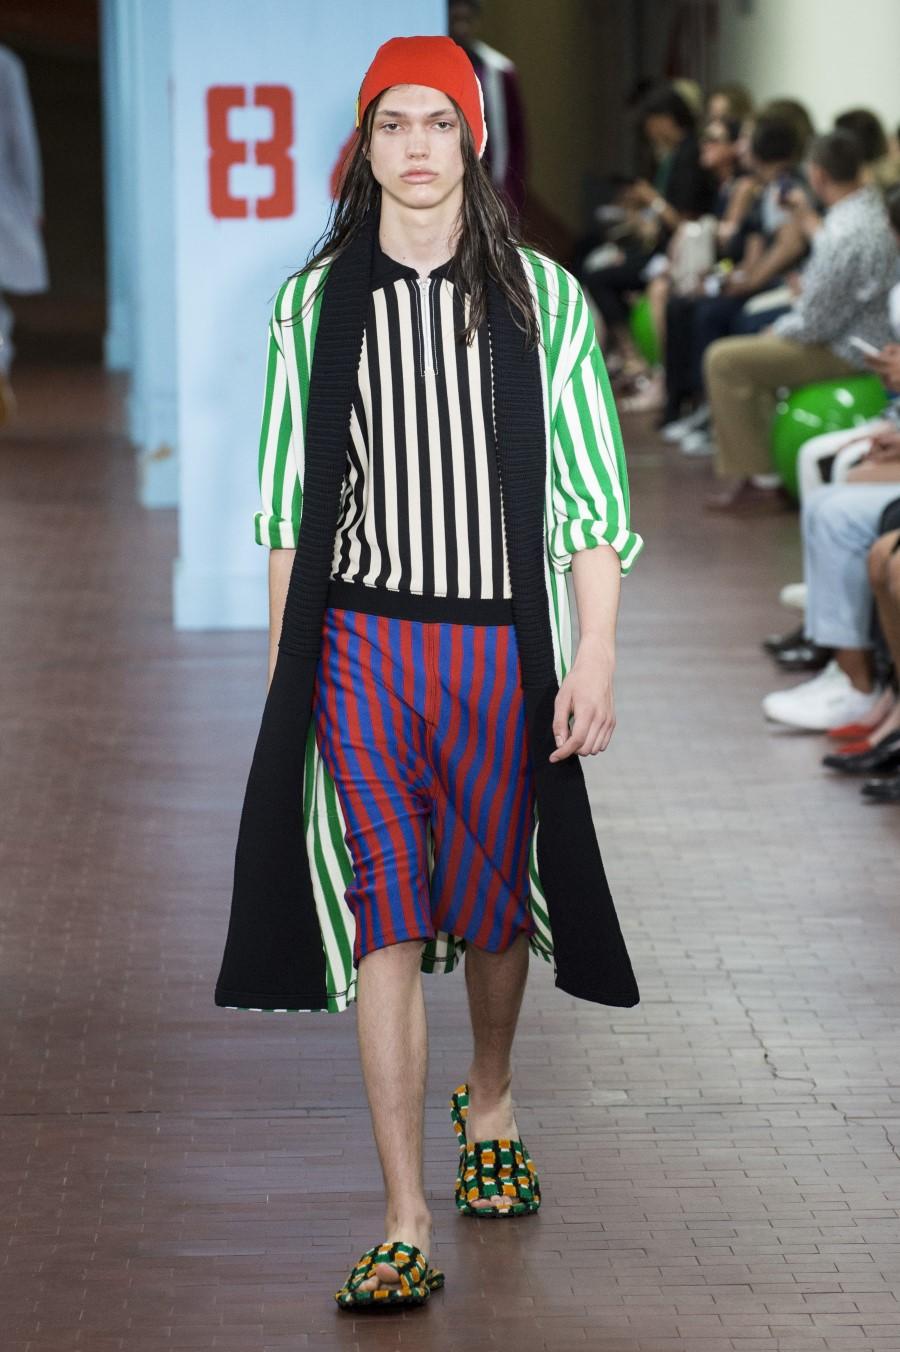 Marni Printemps/Été 2019 - Milano Moda Uomo